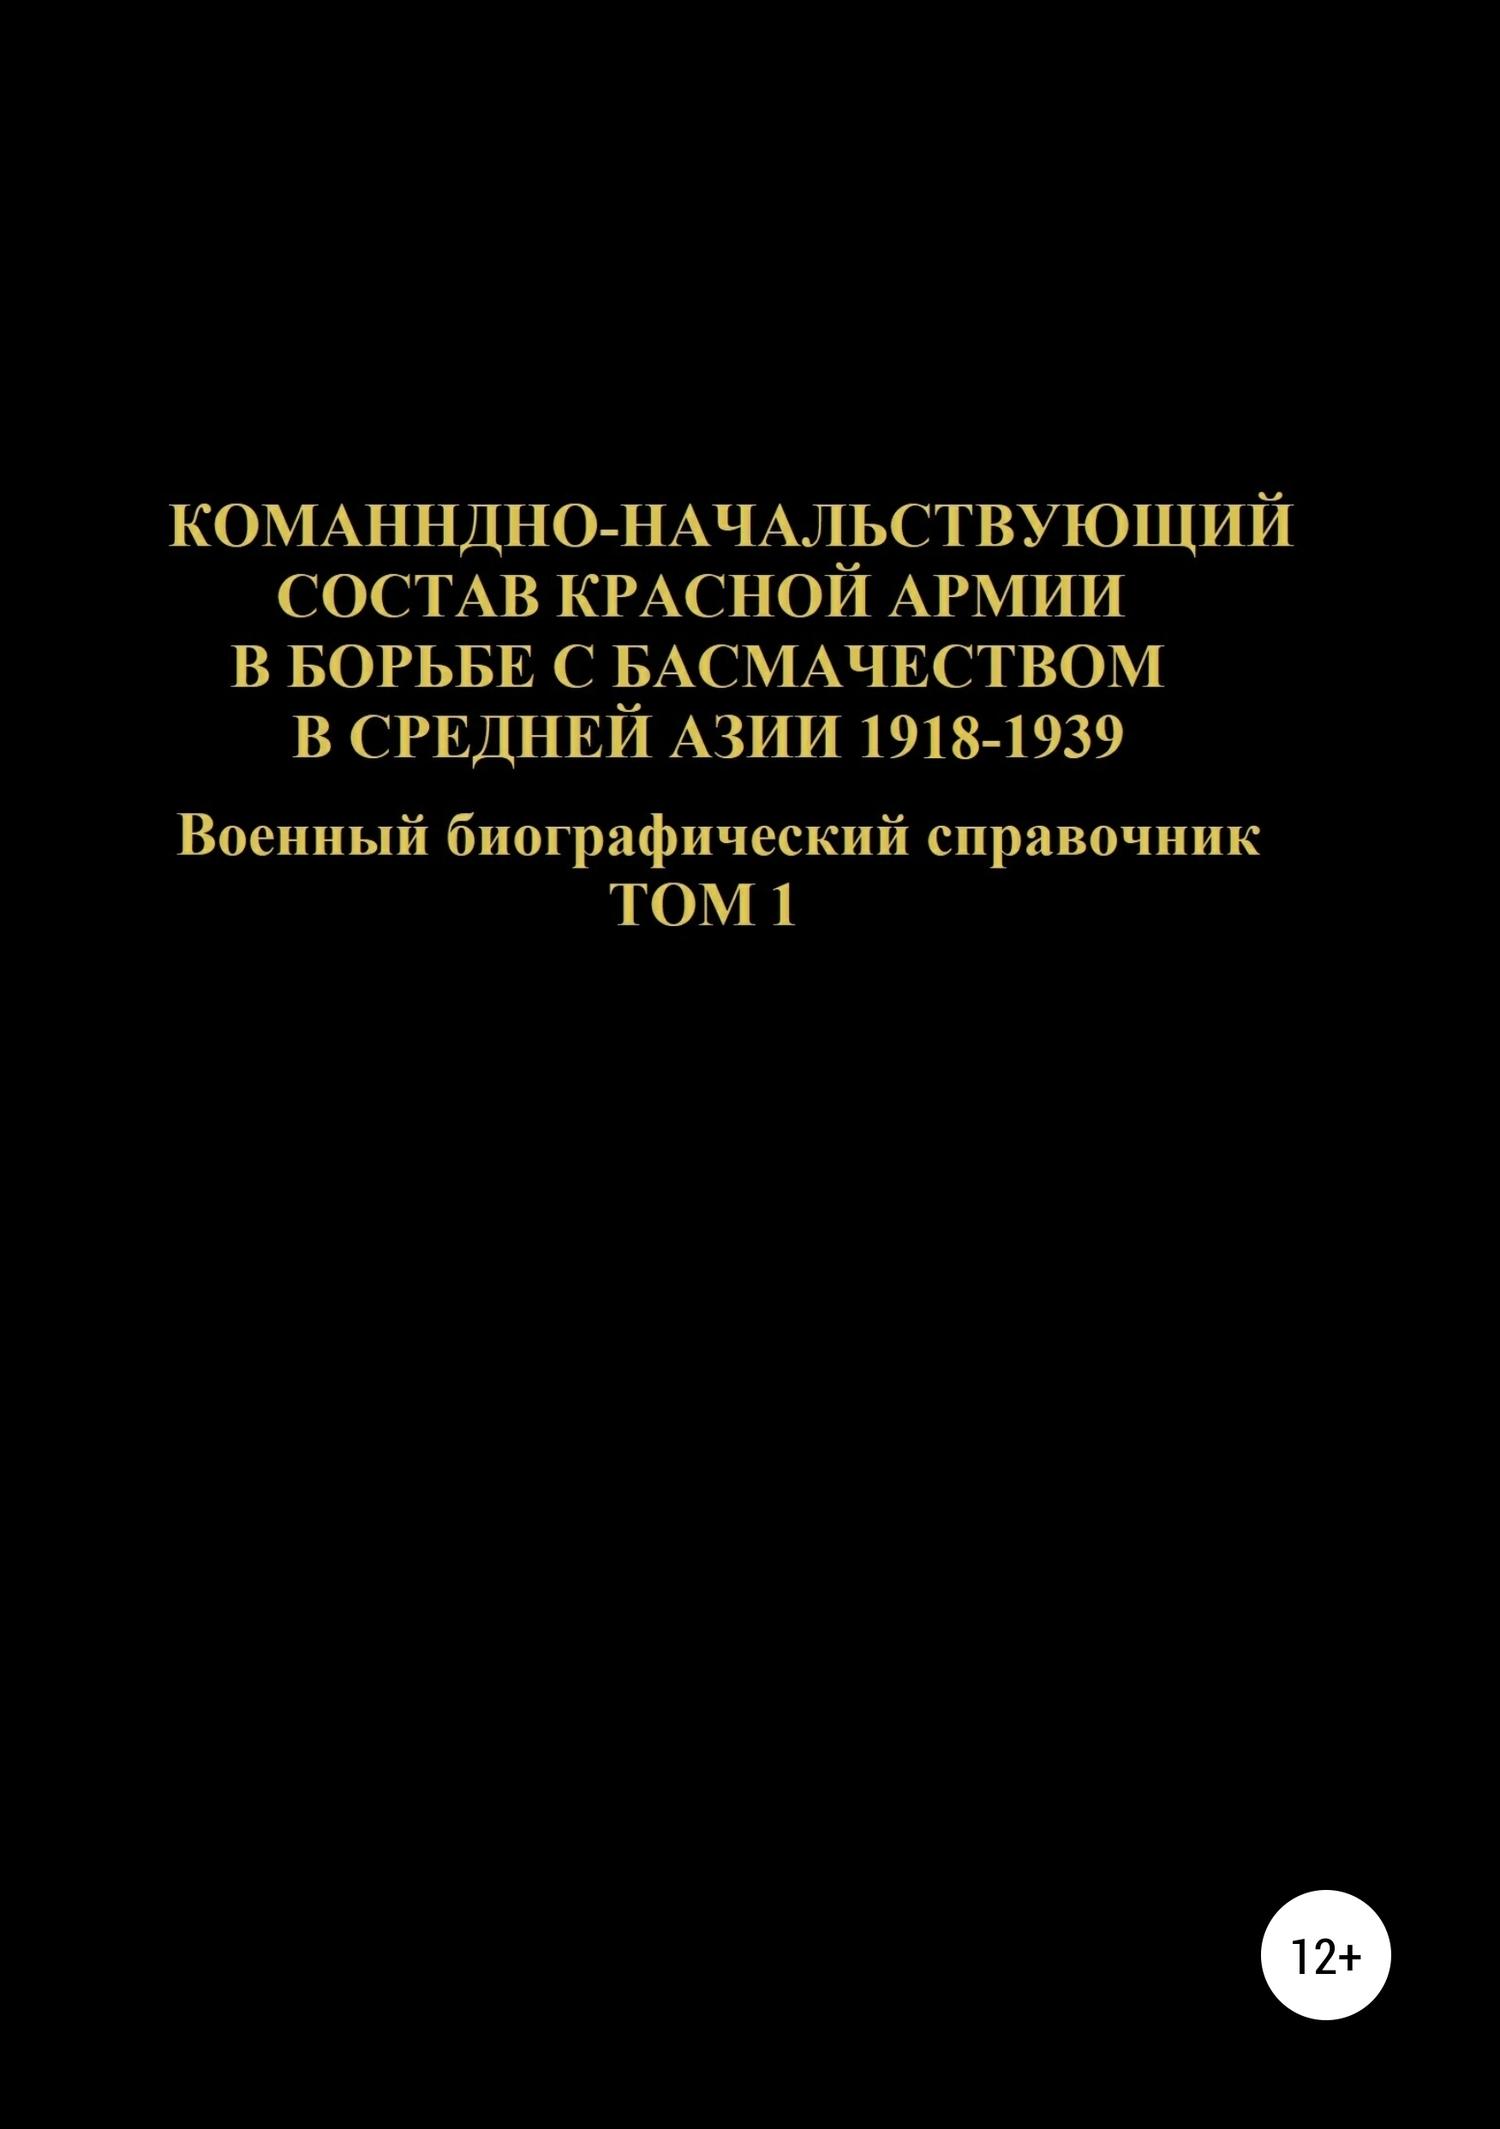 Командно-начальствующий состав Красной Армии в борьбе с басмачеством в Средней Азии 1918-1939 гг. Том 1